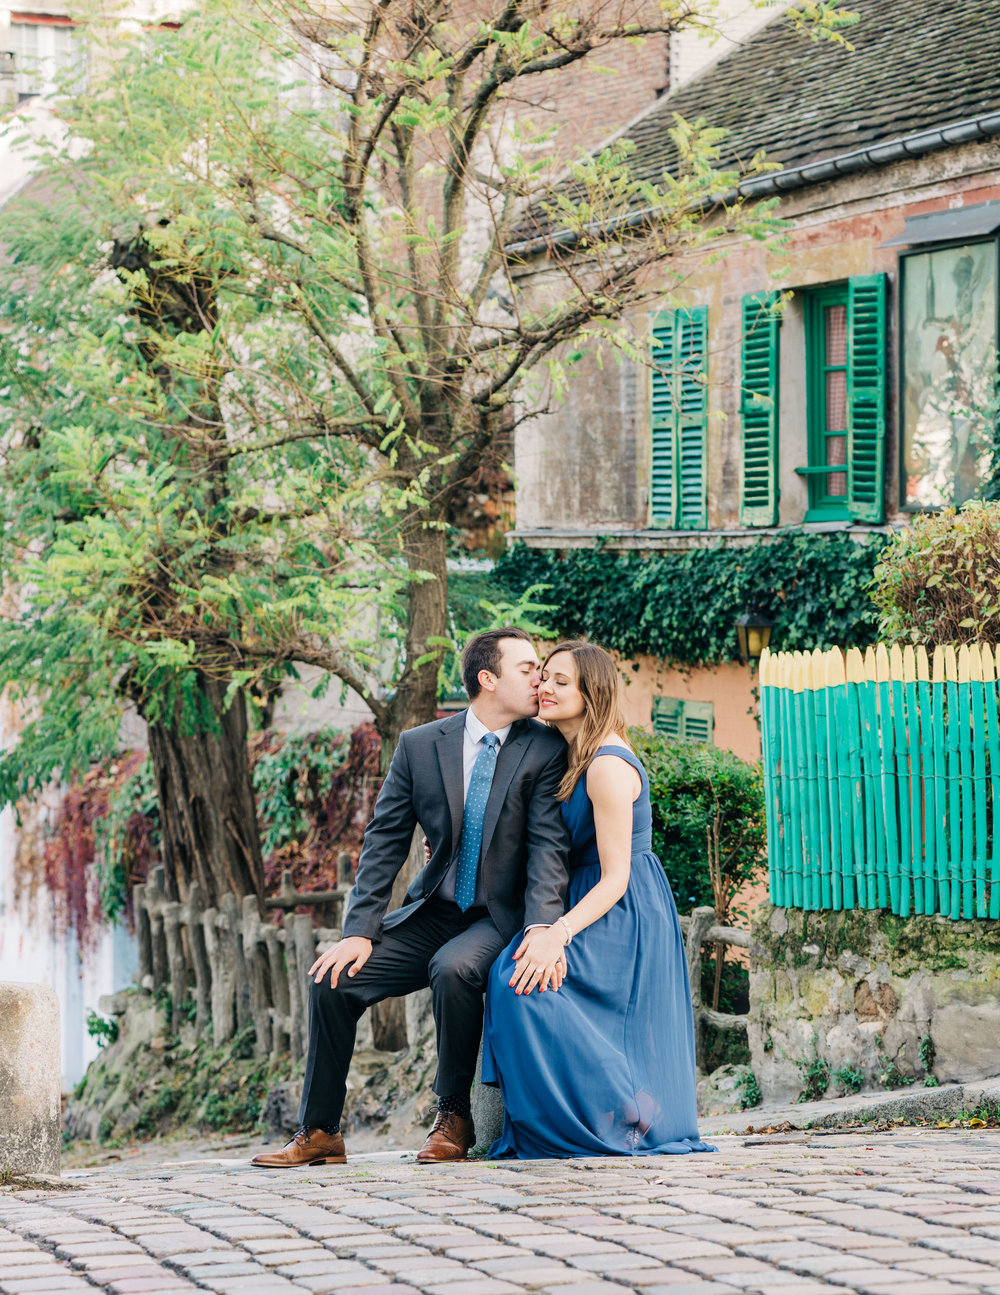 elegant picture me paris couples photo shoot at montmartre in paris